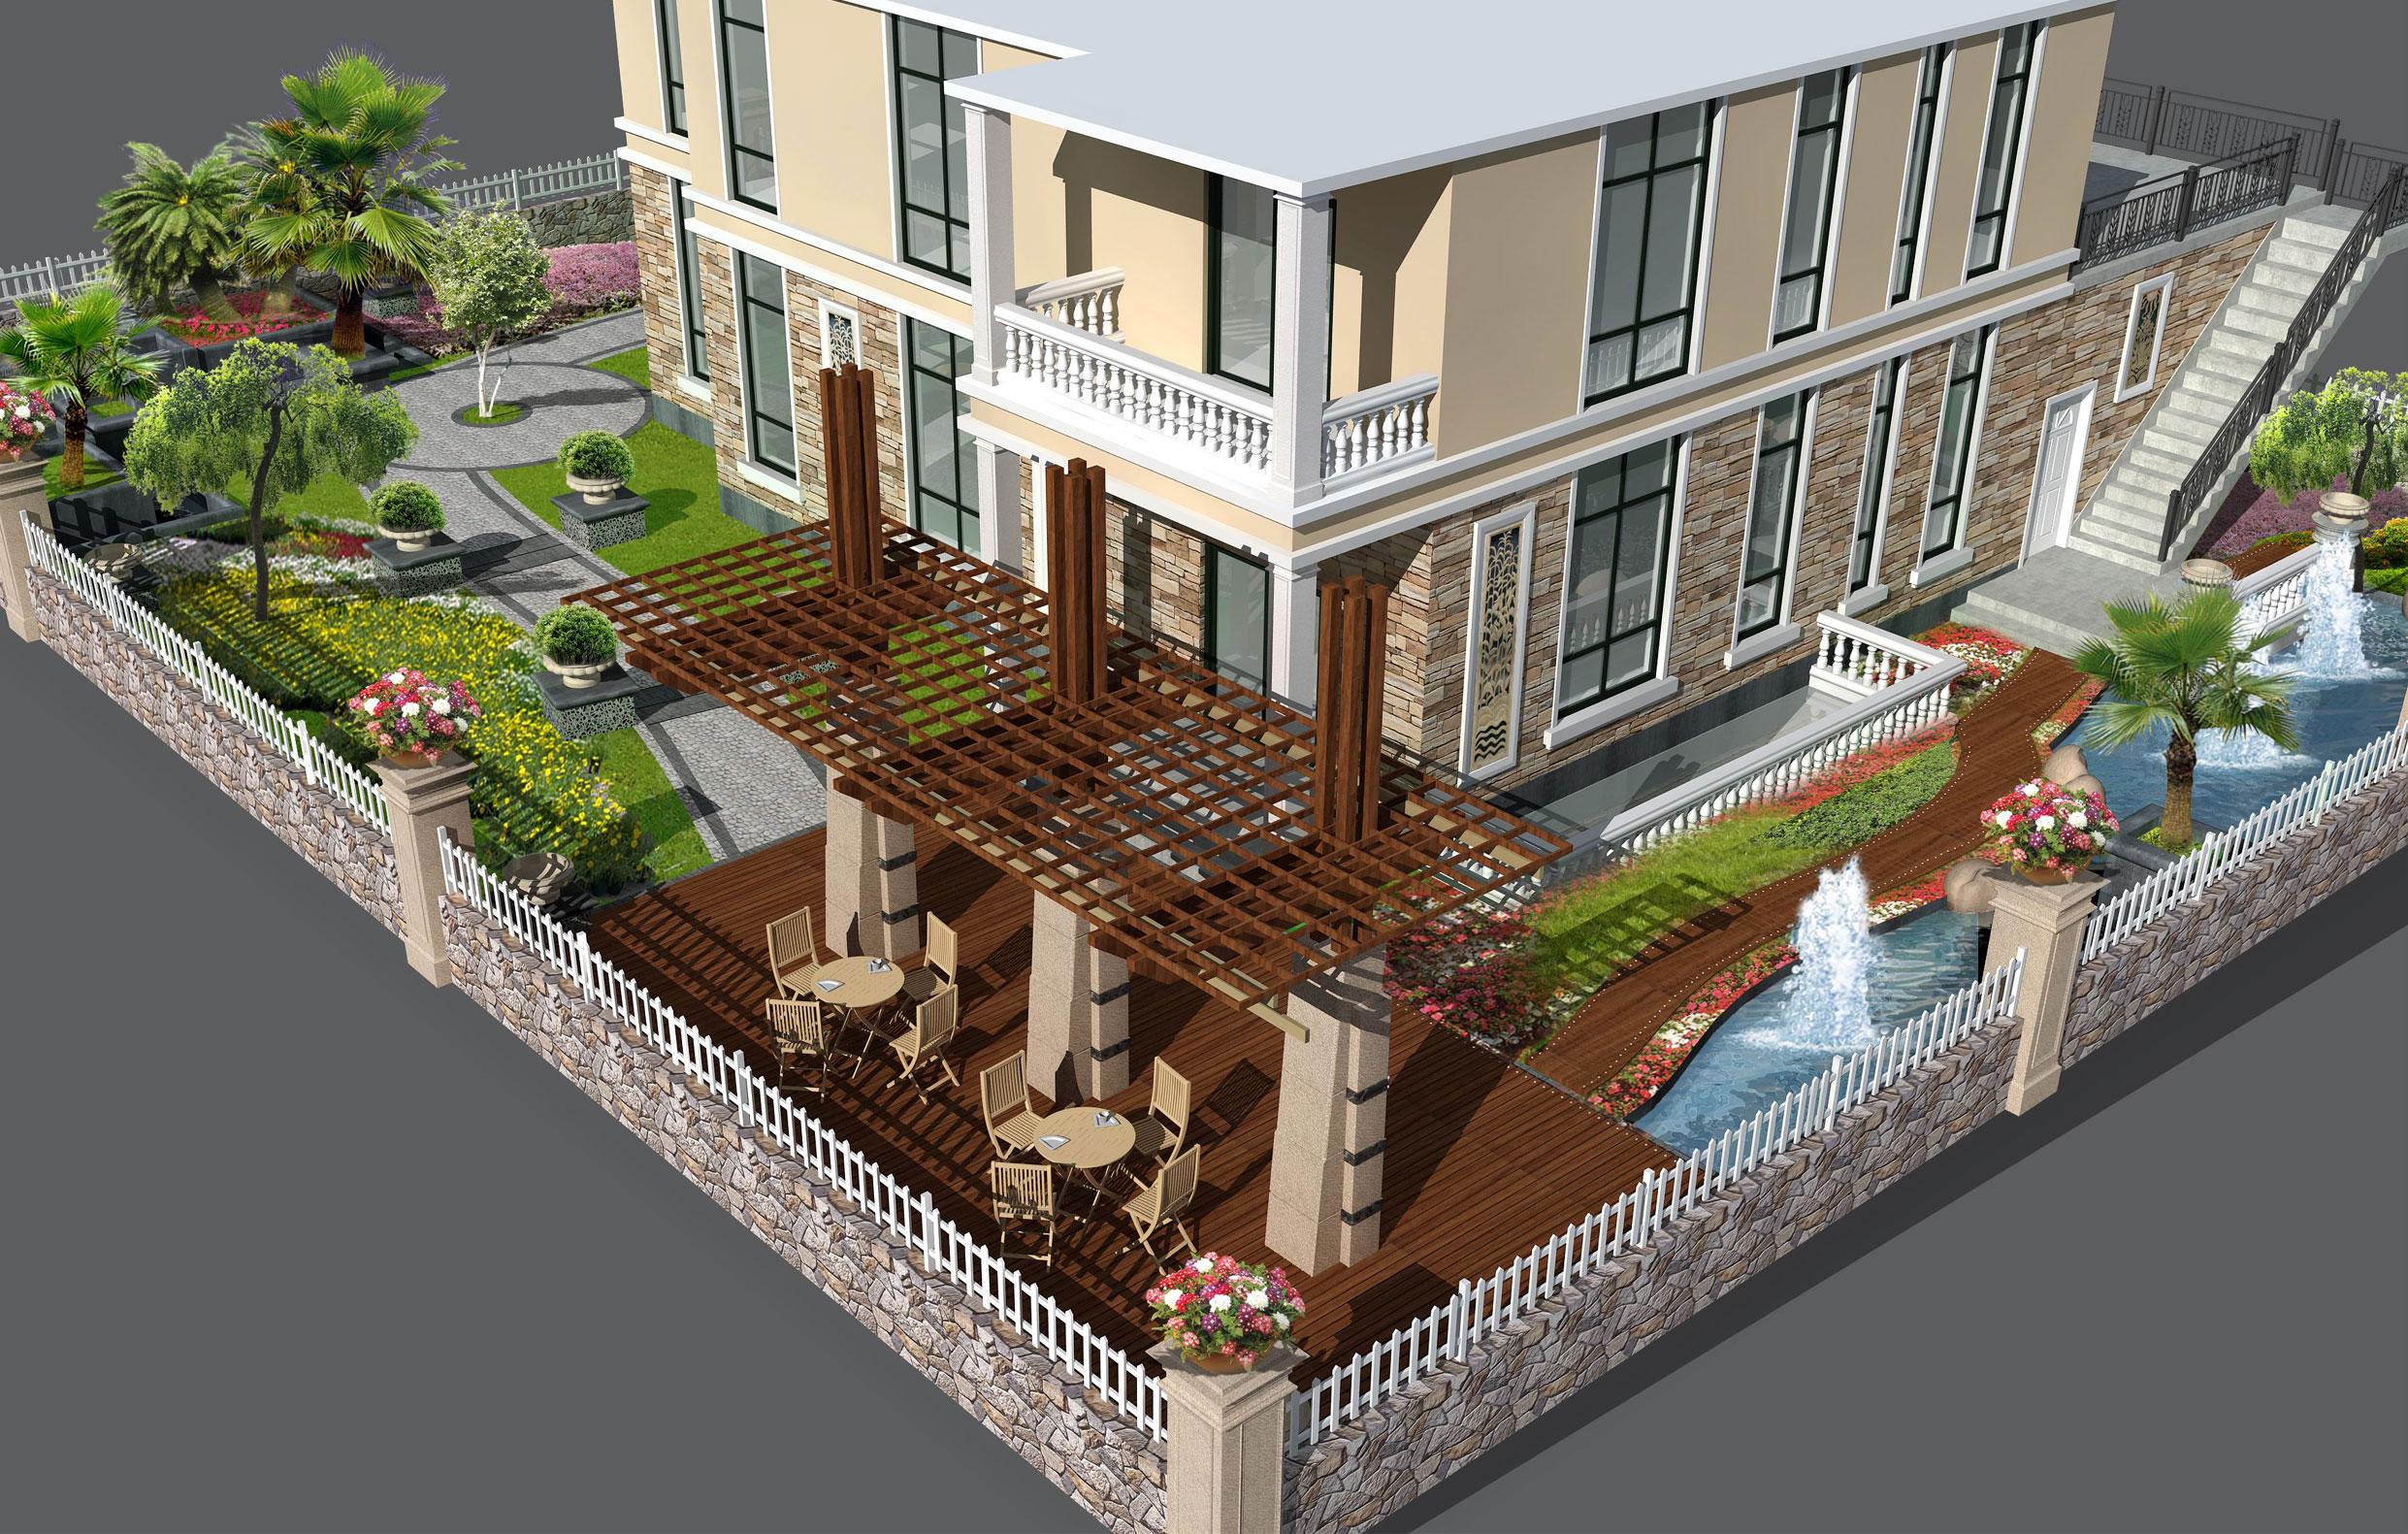 某别墅庭院景观设计及绿化施工图全套